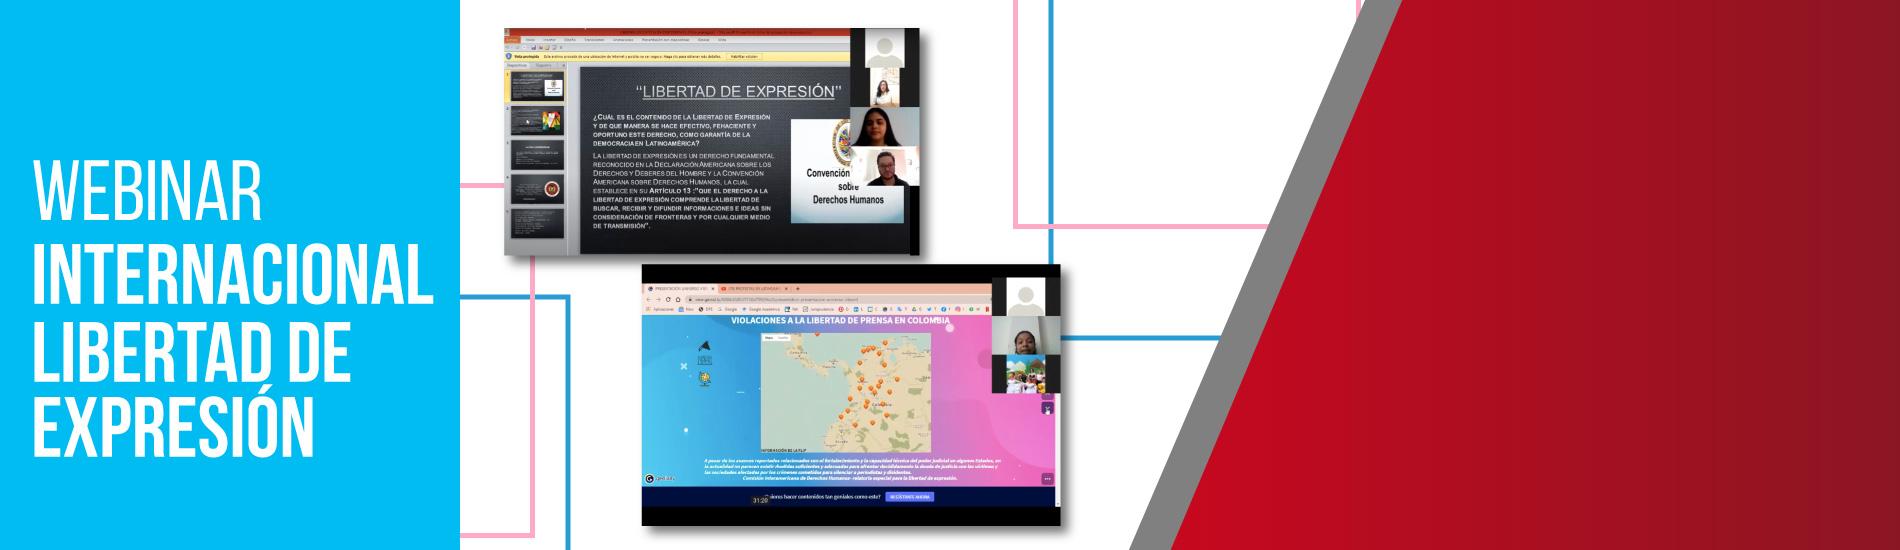 Grupo y semillero de investigación UFPS lideraron Webinar internacional sobre Libertad de Expresión